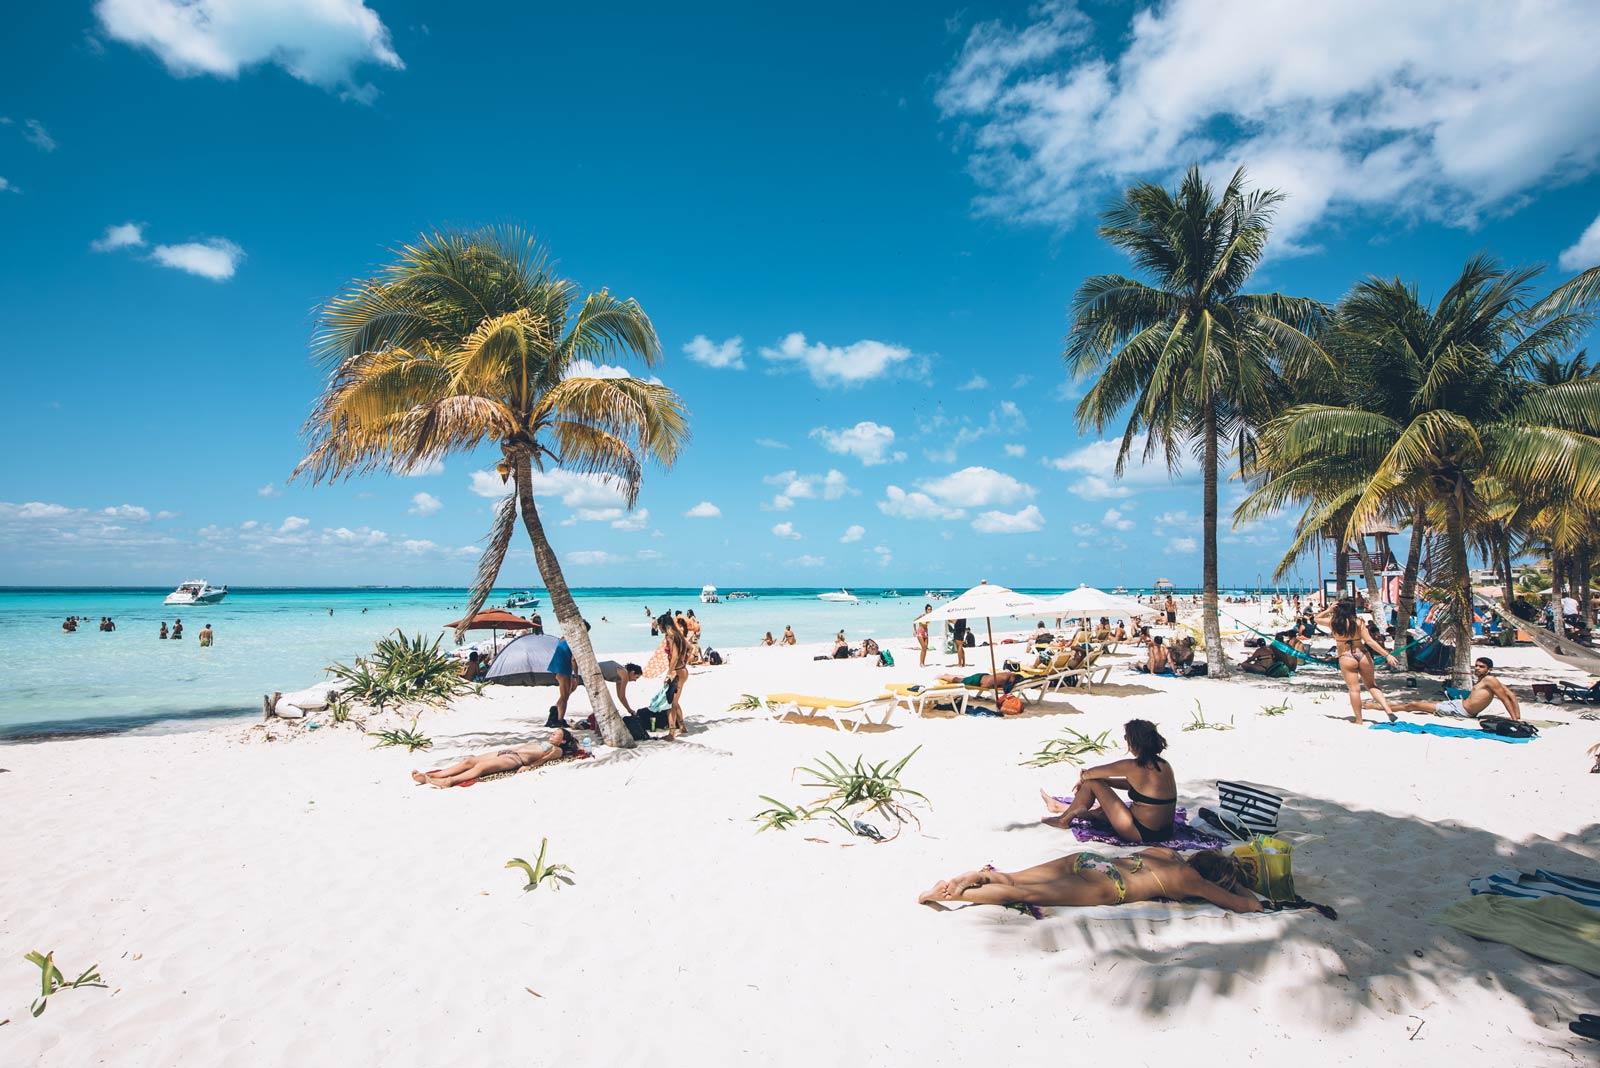 Playa Norte, Sable Blanc Isla Mujeres, Mexique